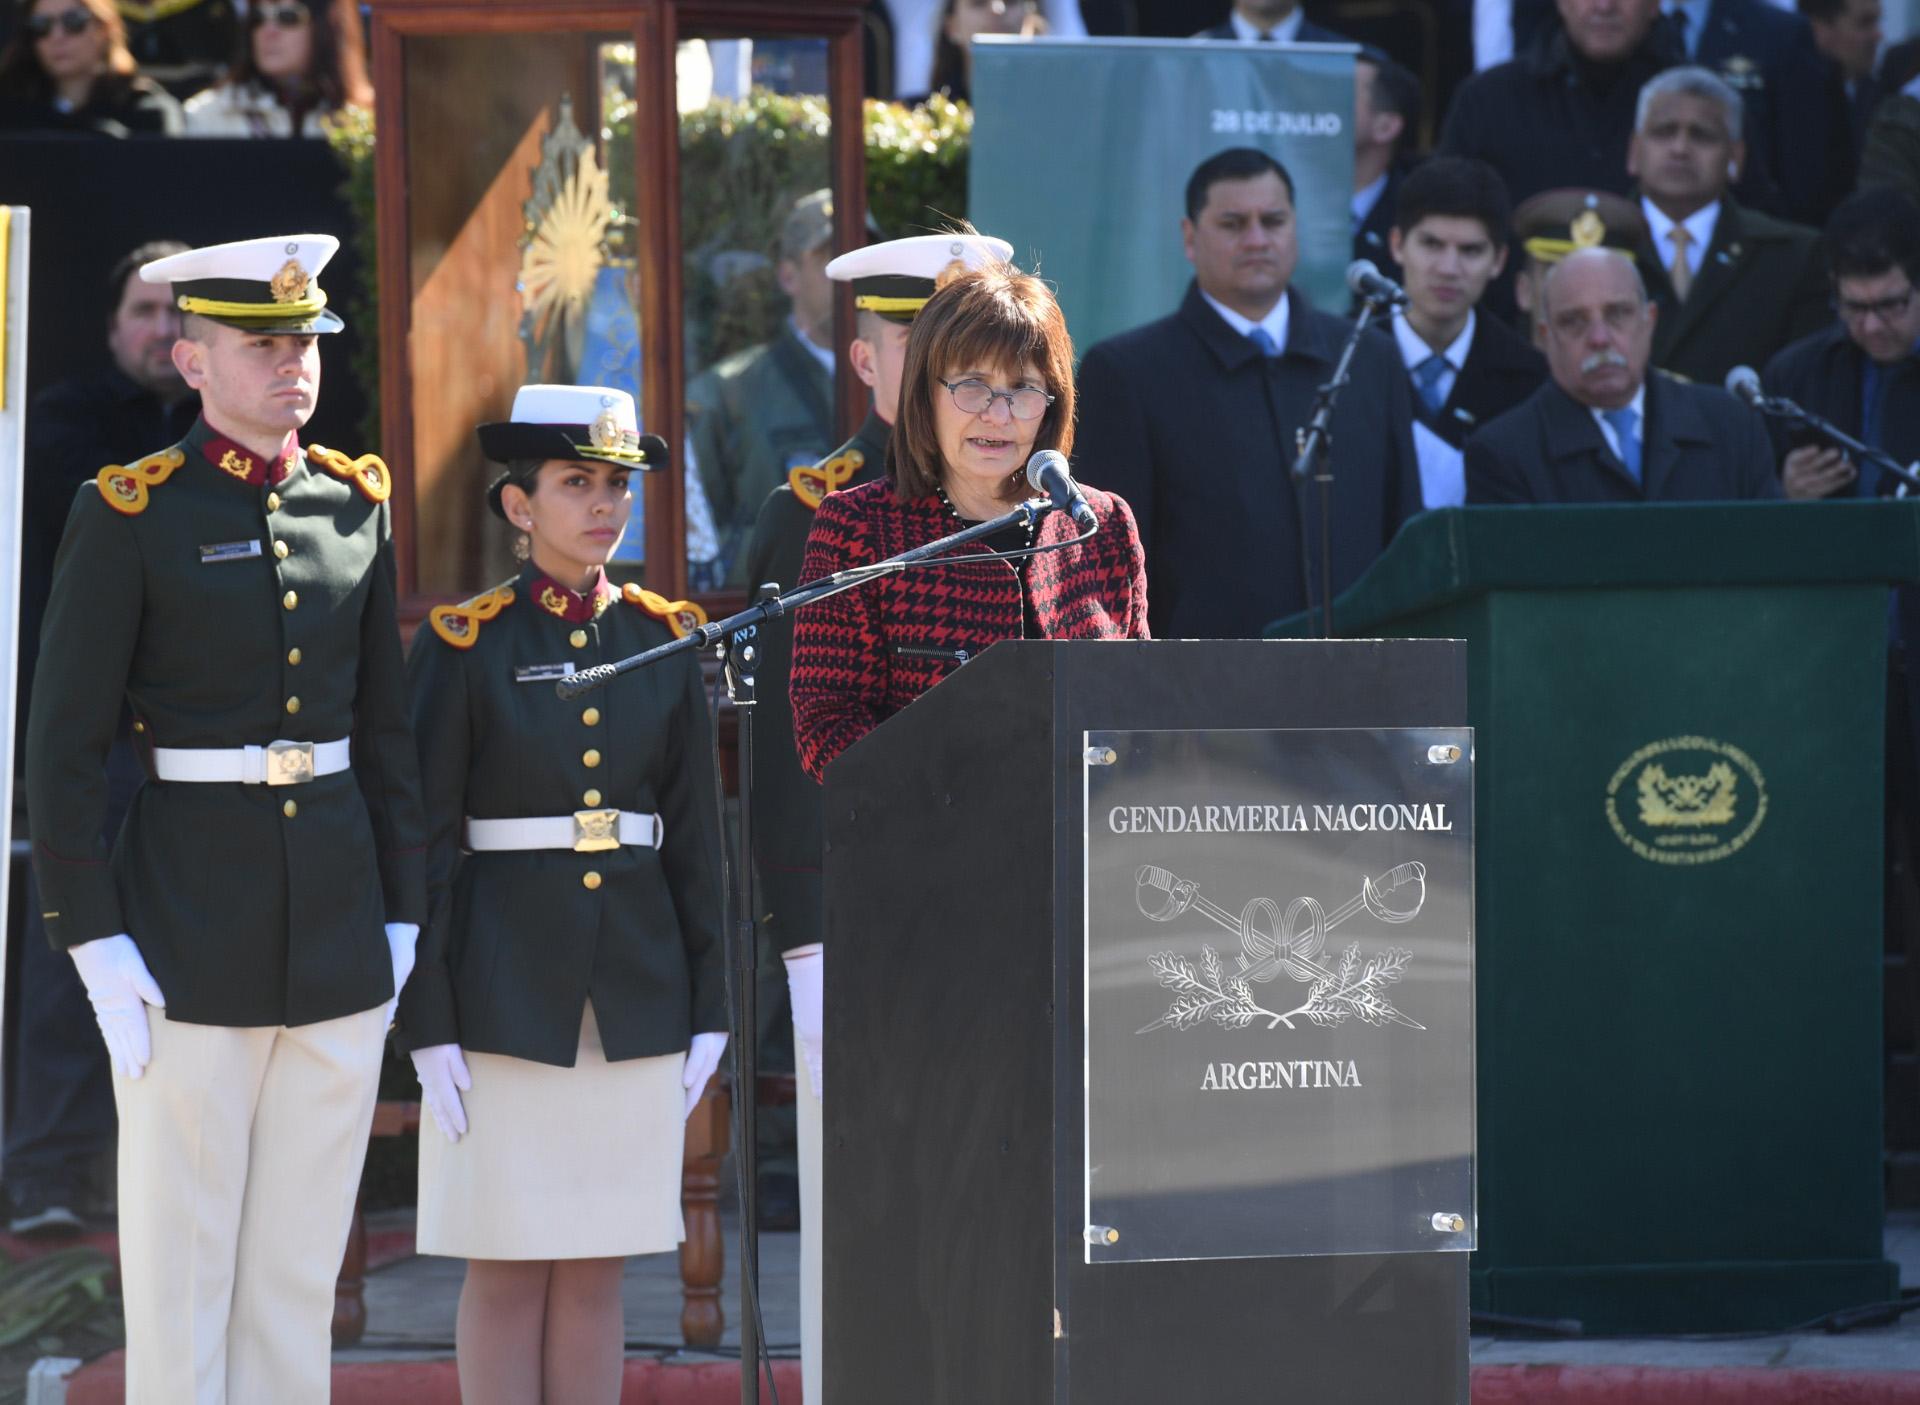 La ministra Patricia Bullrich una de los oradoreseste mediodía en Ciudad Evita